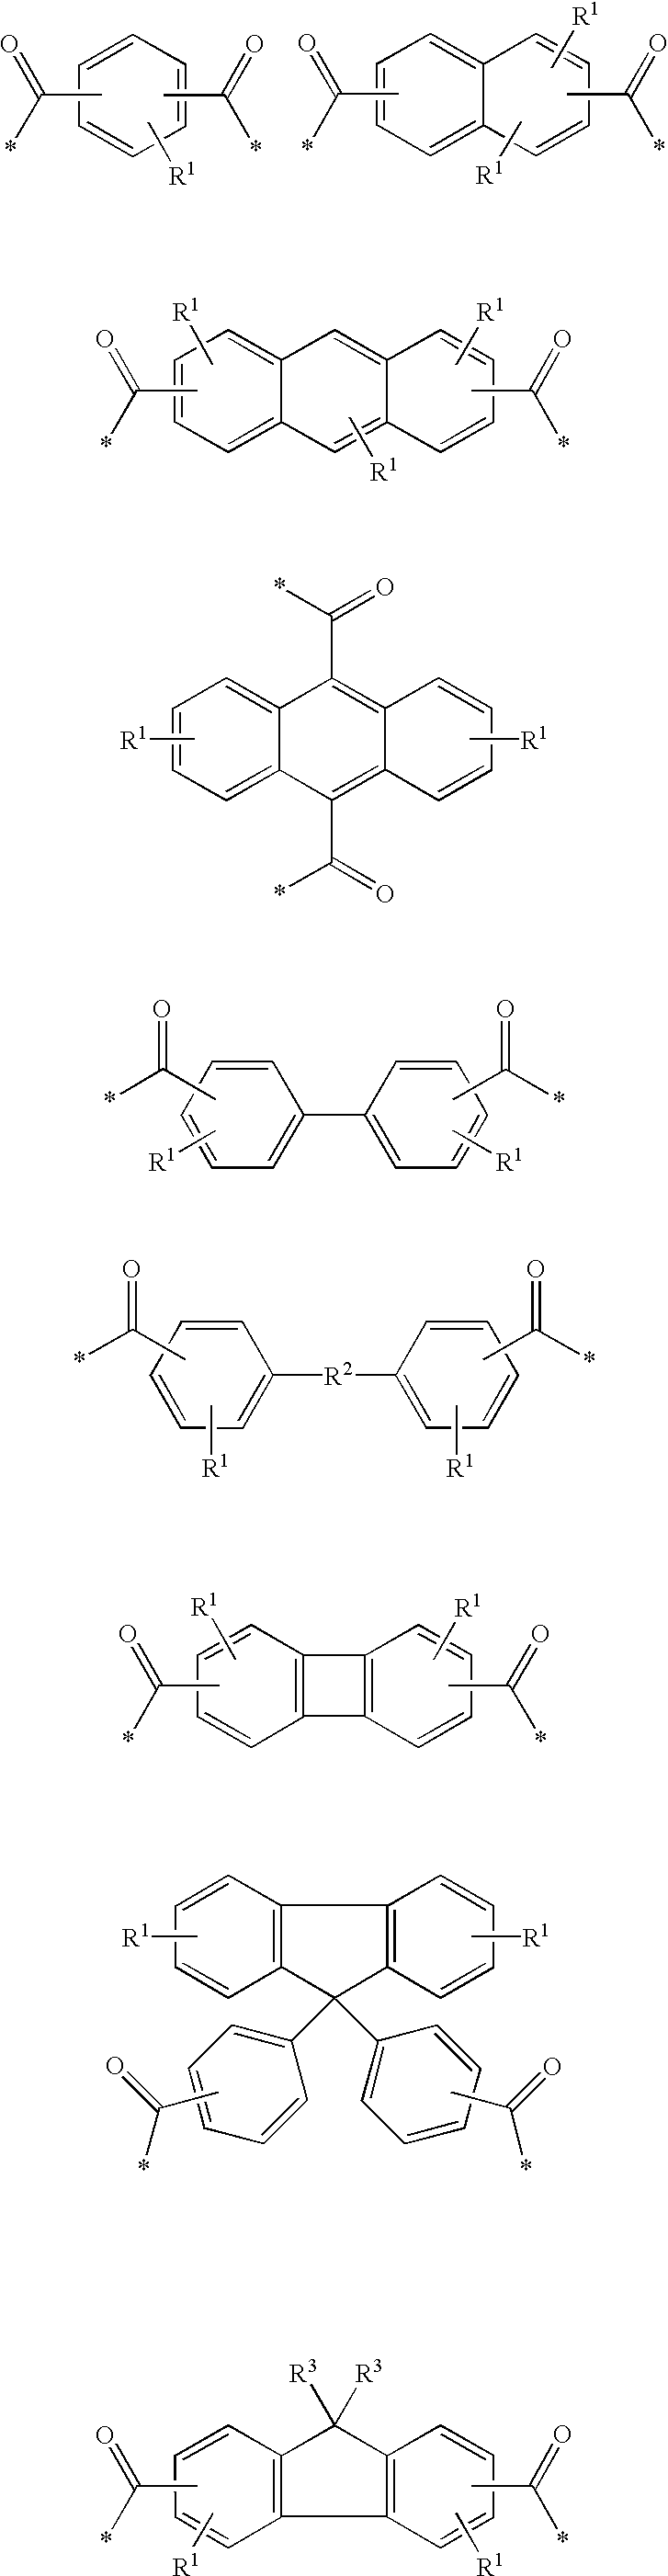 Figure US20030050431A1-20030313-C00005